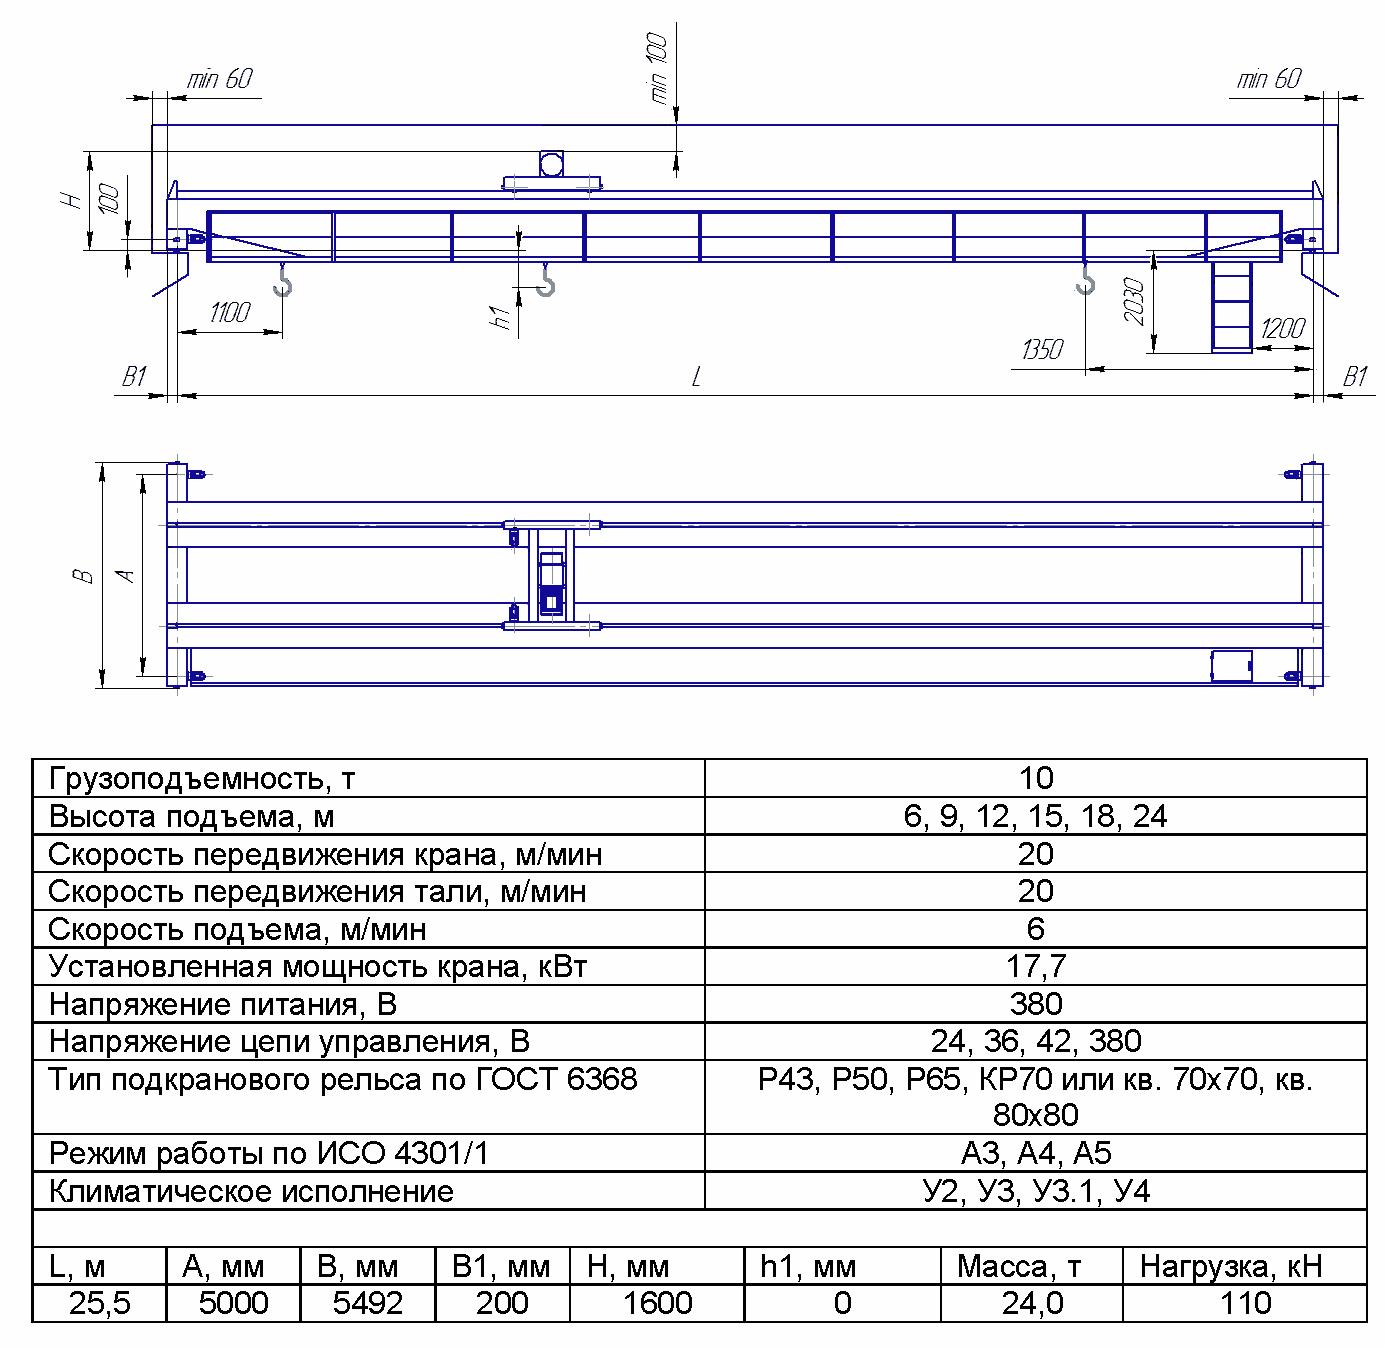 KMON 2 6 - Опорный мостовой кран общего назначения